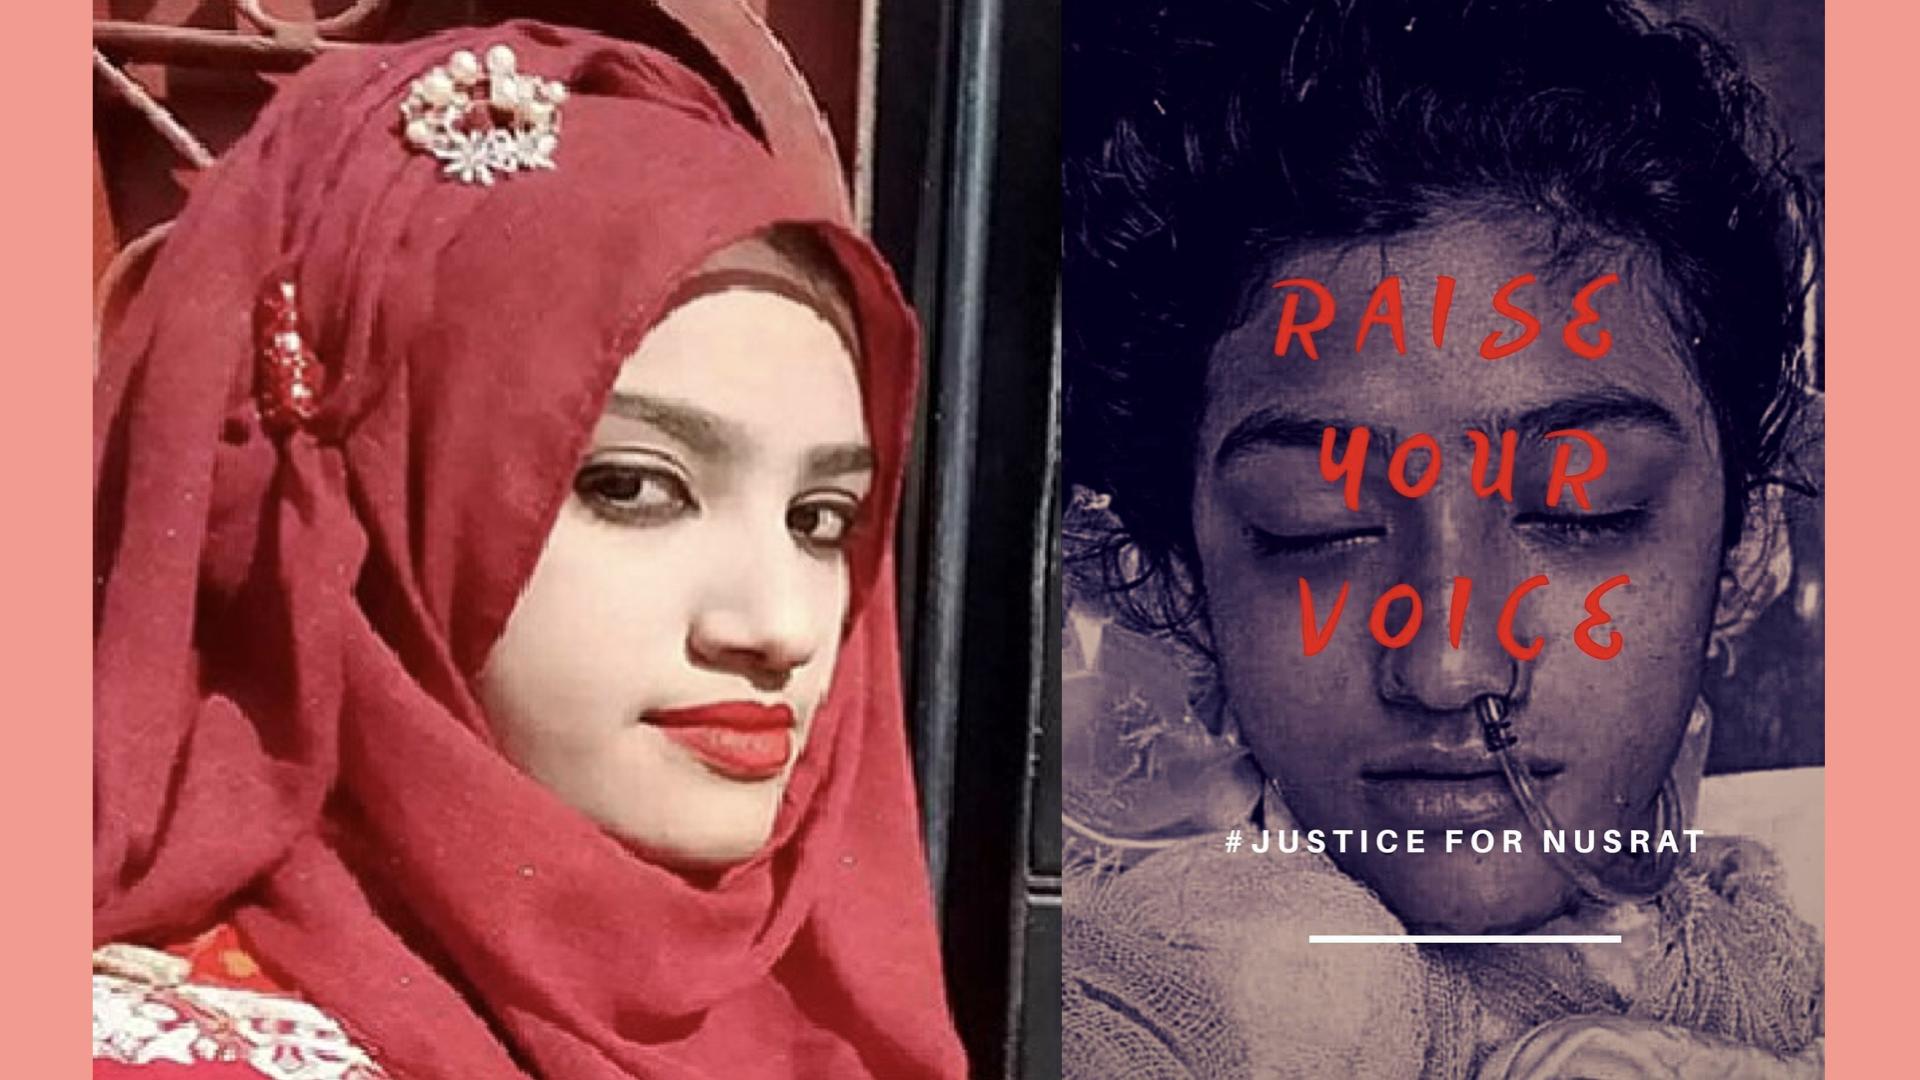 #JusticeForNusrat